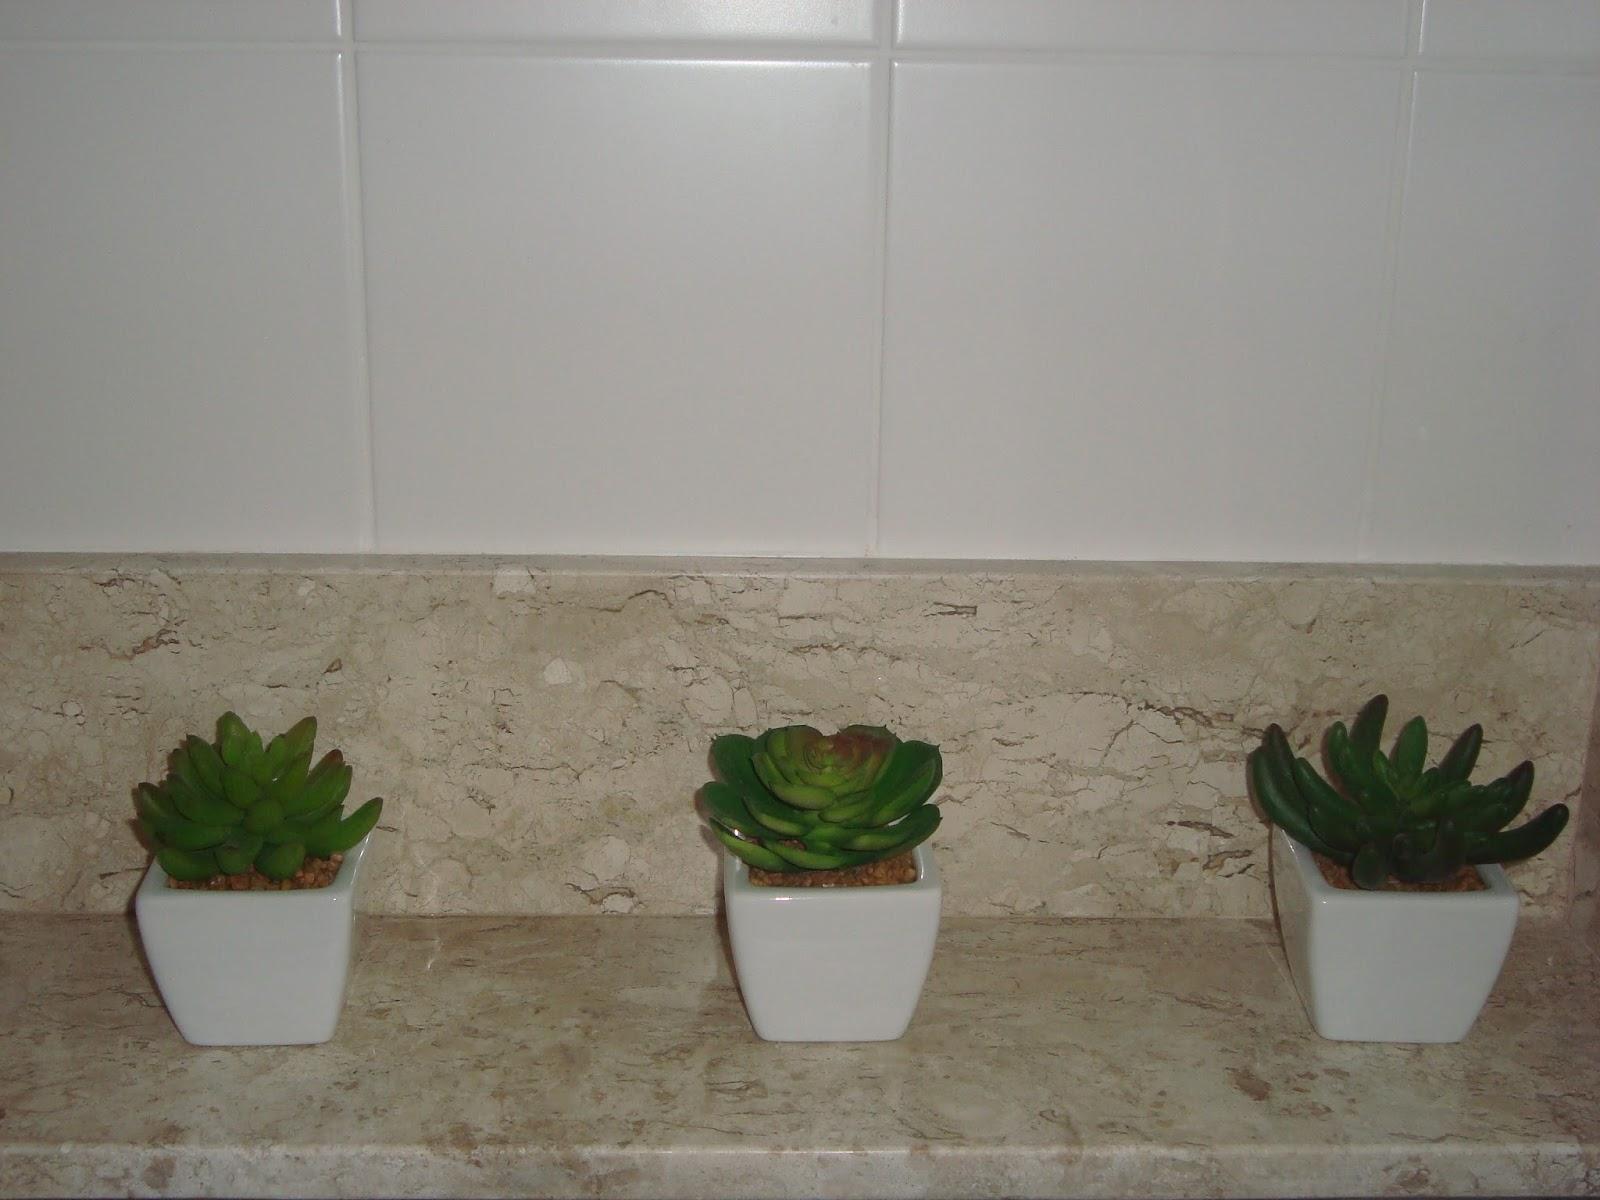 Casamento de Sílvio e Simone: Banheiro Social atualização II #495C24 1600x1200 Acessorios Banheiro 25 De Março